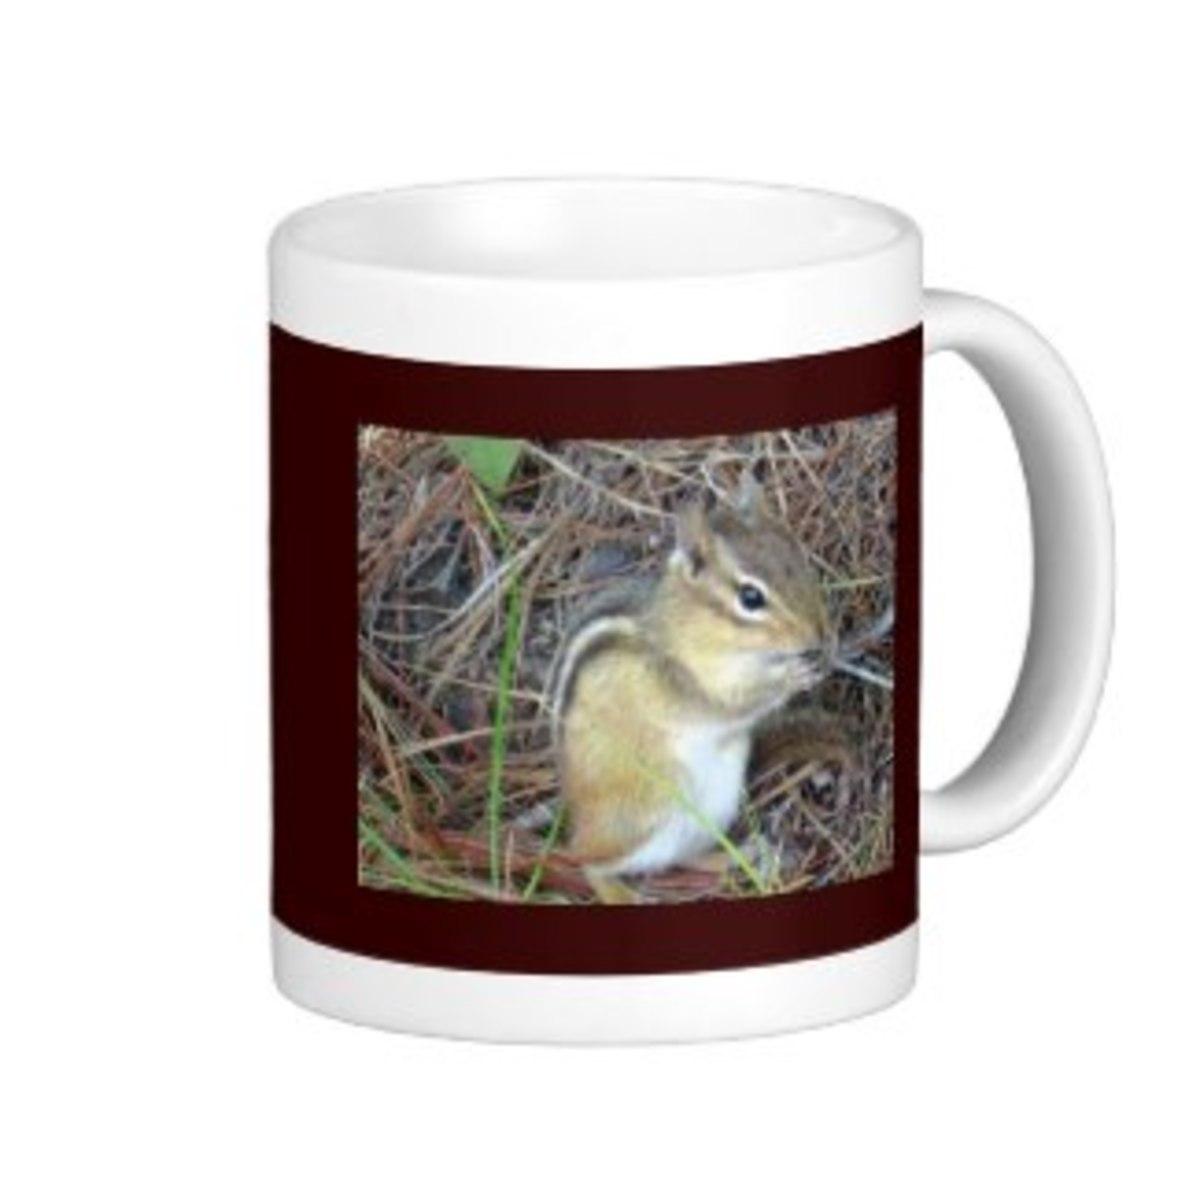 I put this photo on a mug on Zazzle.